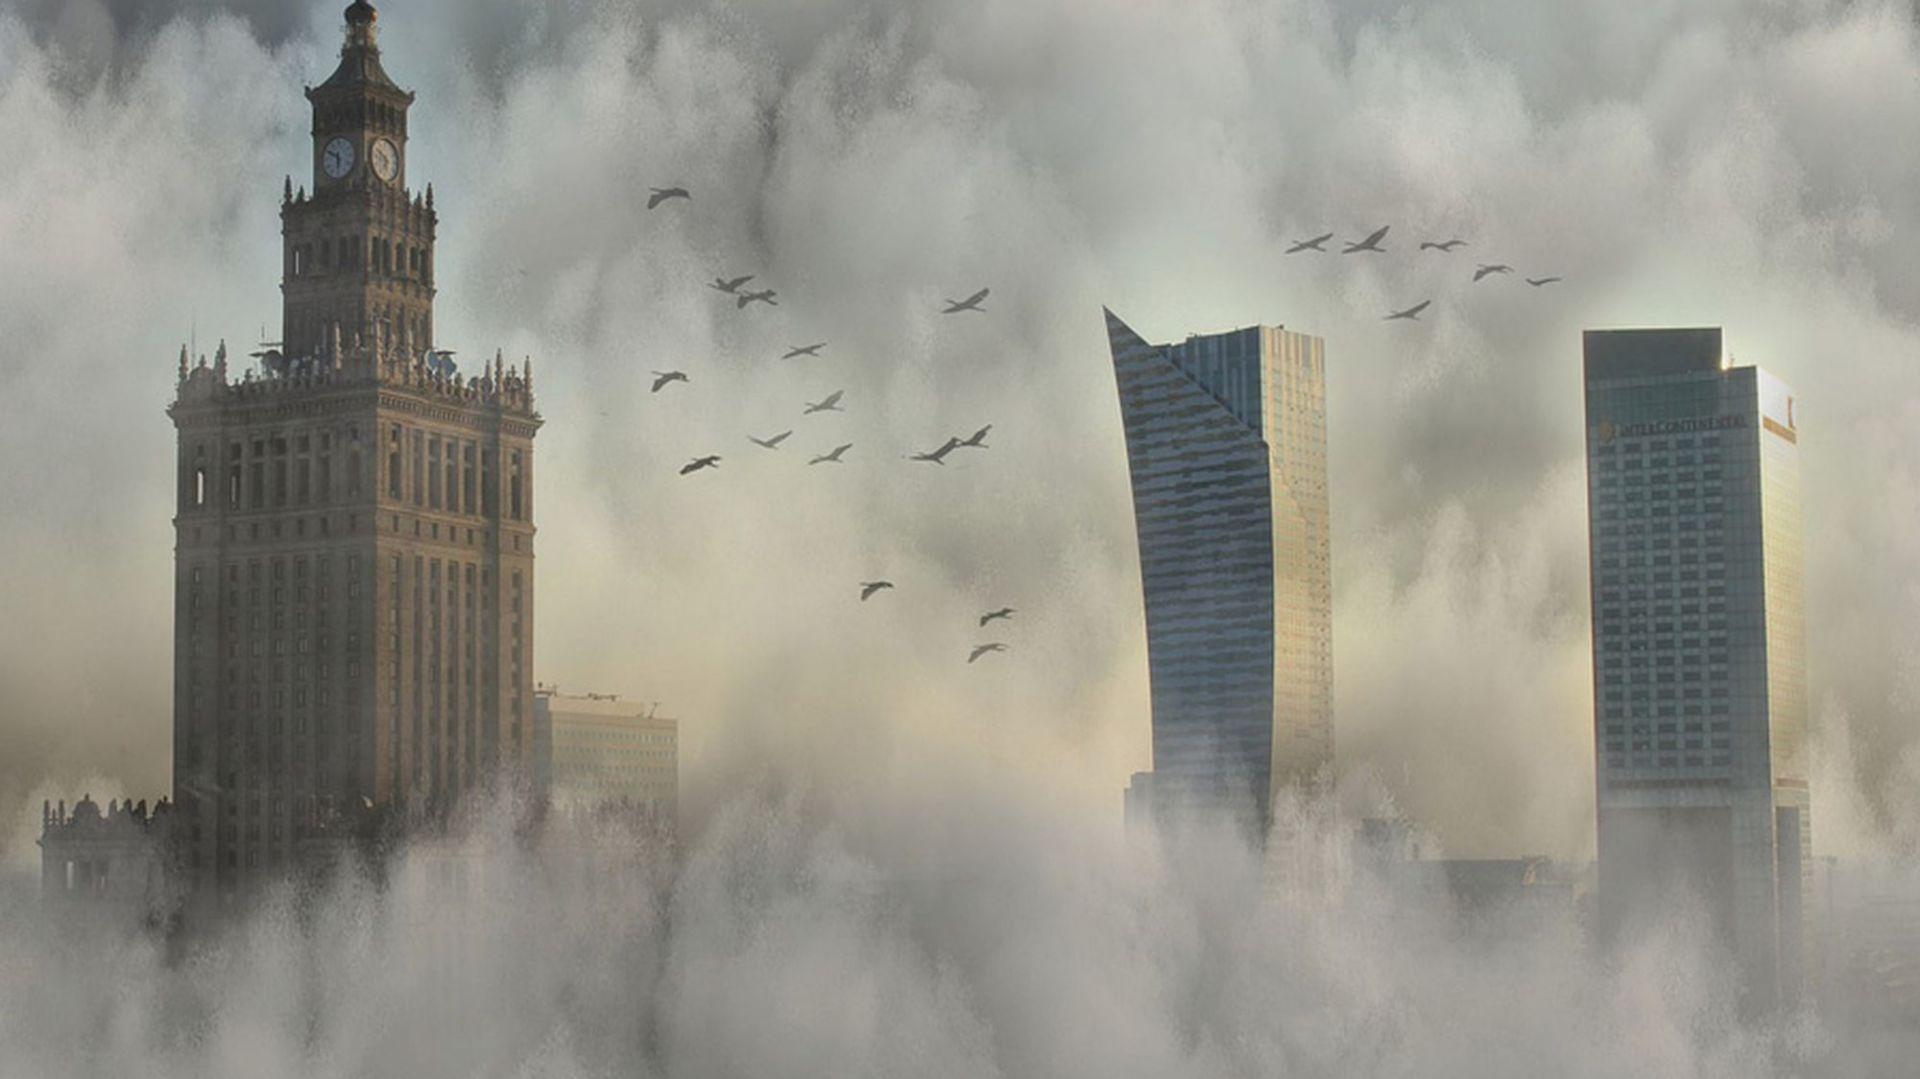 Walczymy ze smogiem. Fot. Pixabay